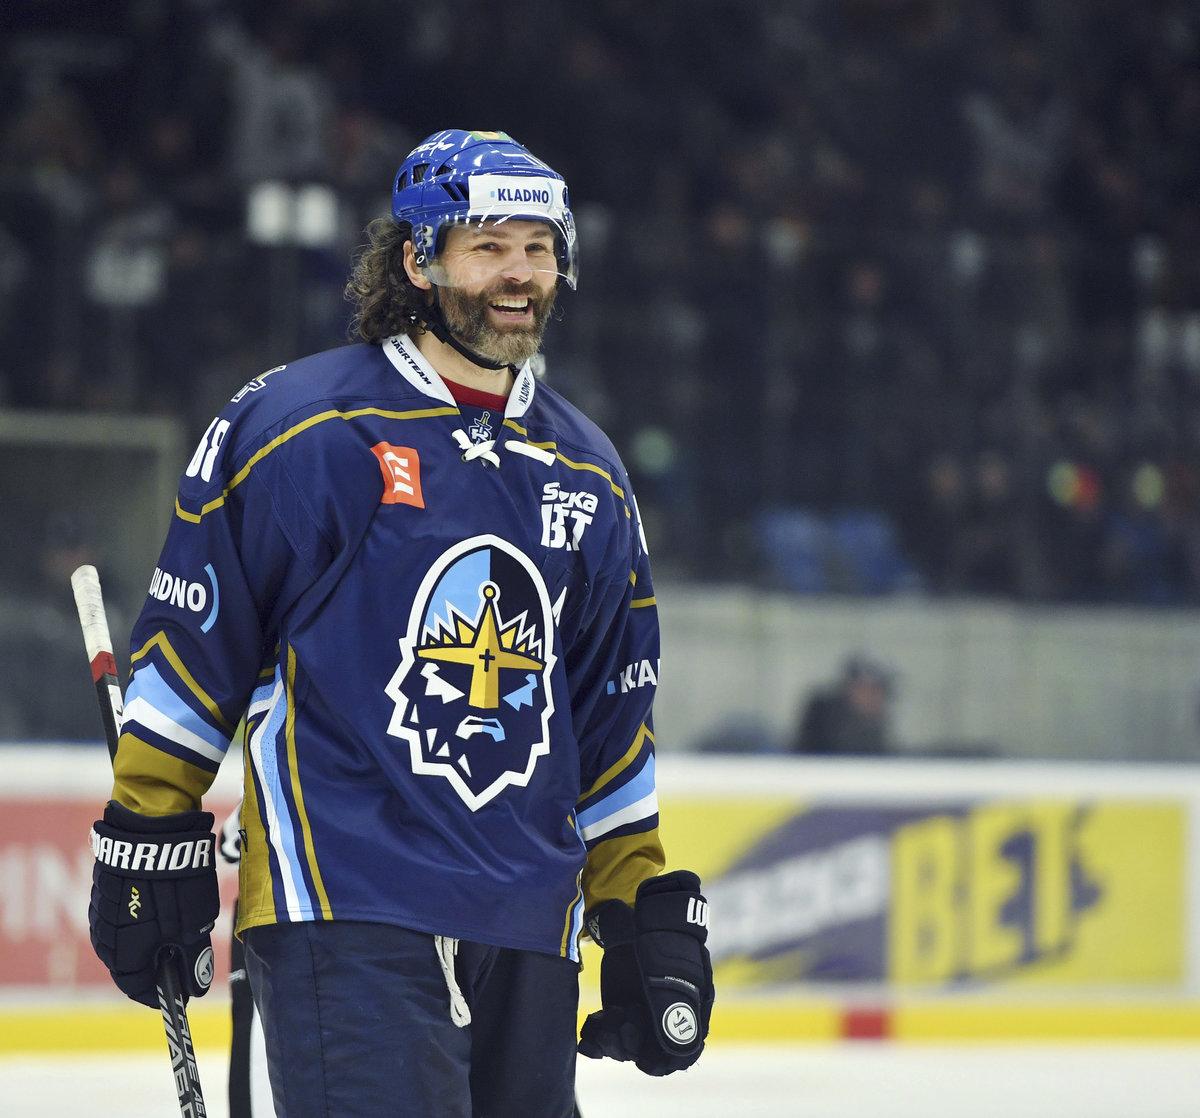 Na ledě byl Jaromír Jágr spokojený